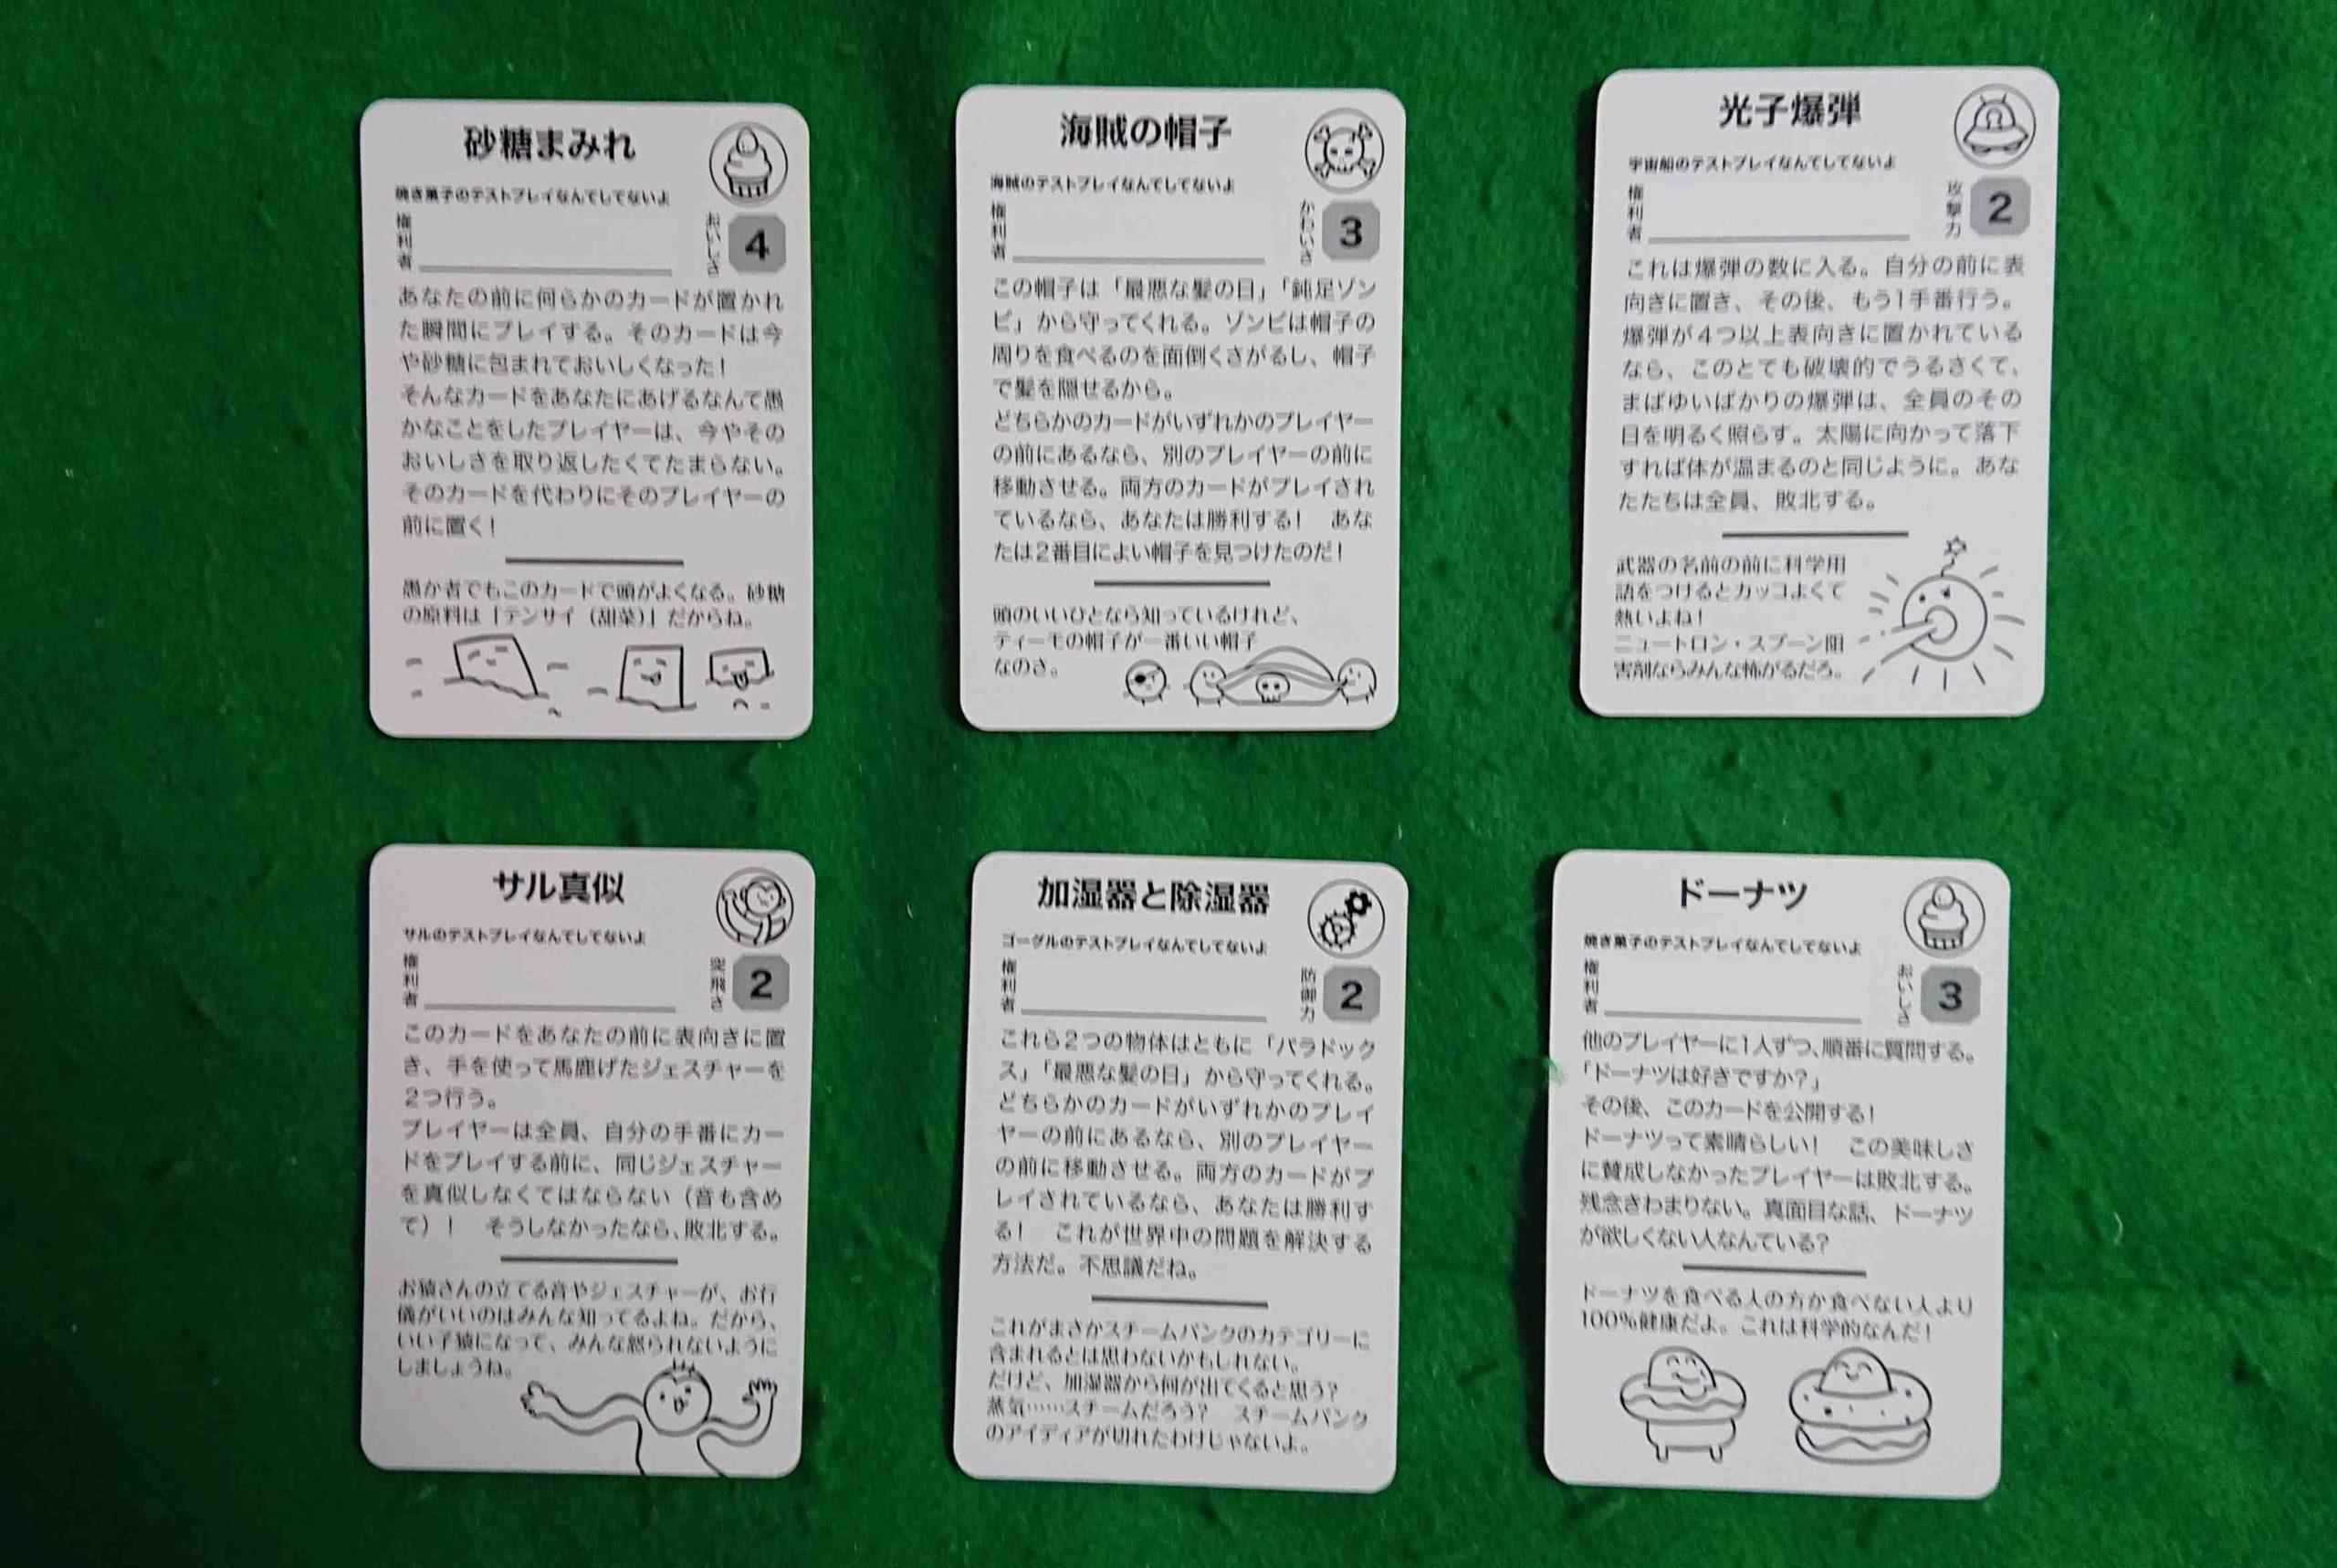 テストプレイなんてしてないよゾンビとバナナ  おバカゲーム再び帰ってきた! カード紹介 ボードゲーム